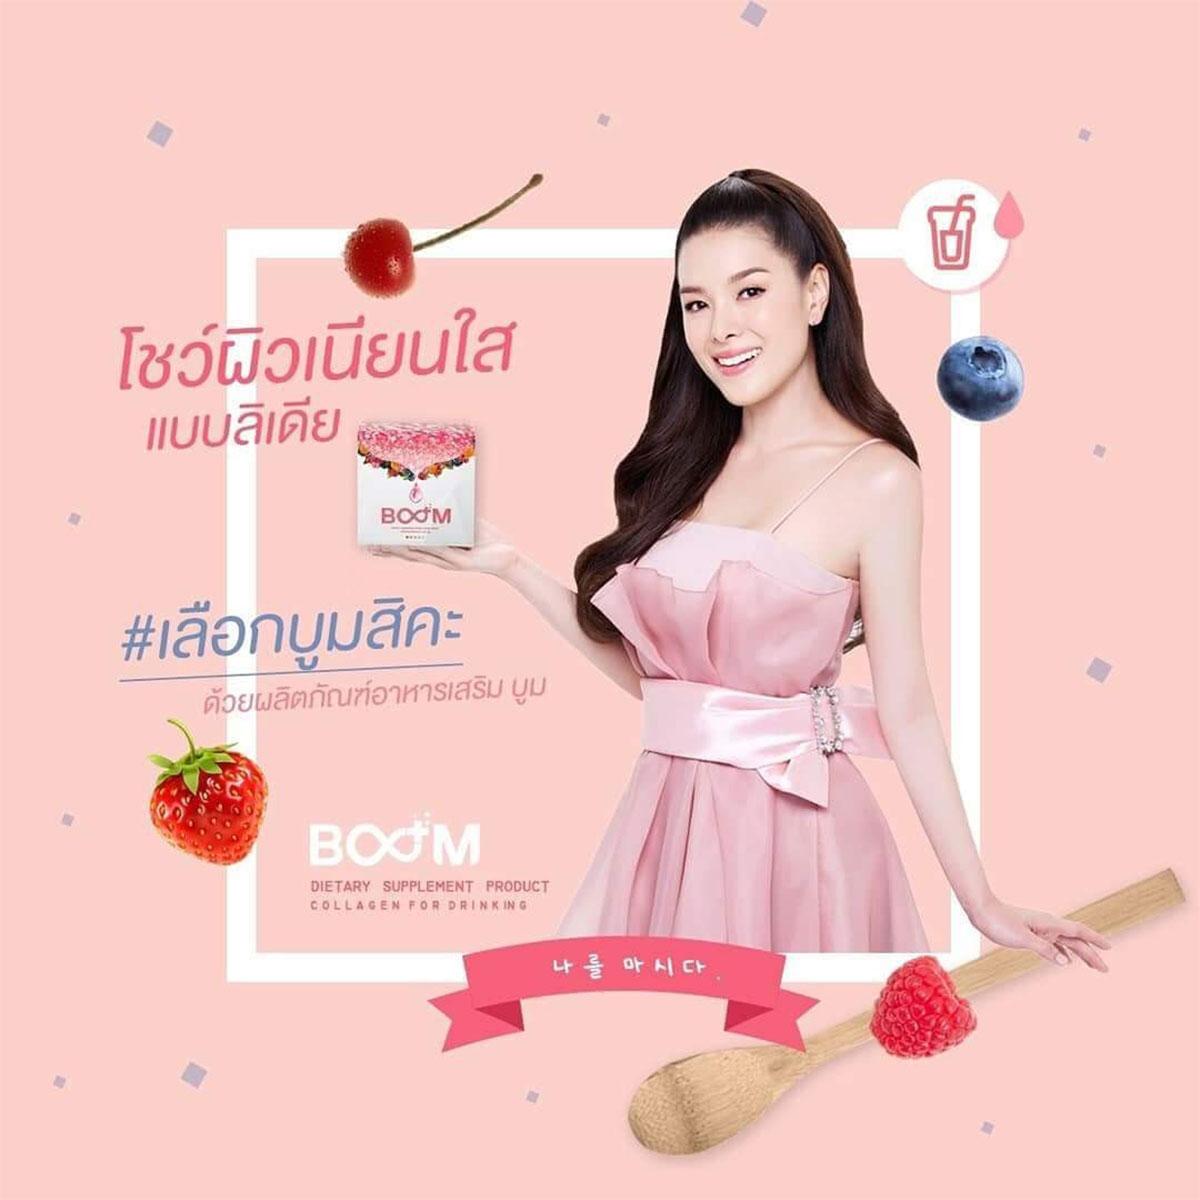 อาหารเสริมบูม-ผลิตภัณฑ์-boom-04